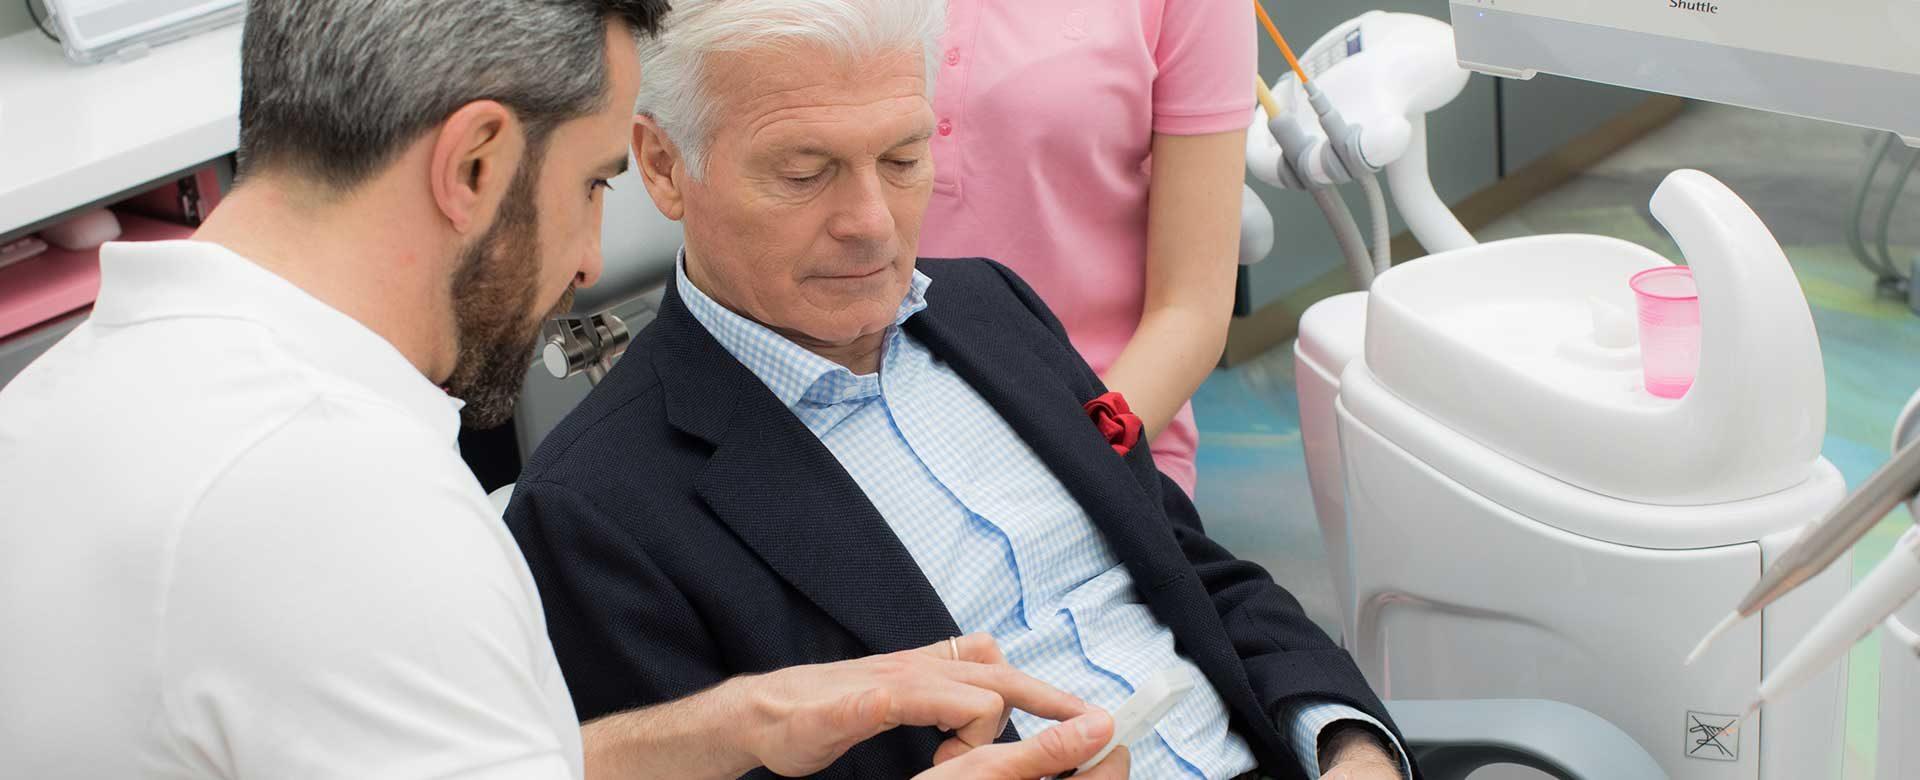 Zahnarzt Dr. Andreas Quidenus erklärt älterem Patienten seine Philosophie für Gesundheit, Fitness und Leistungsfähigkeit